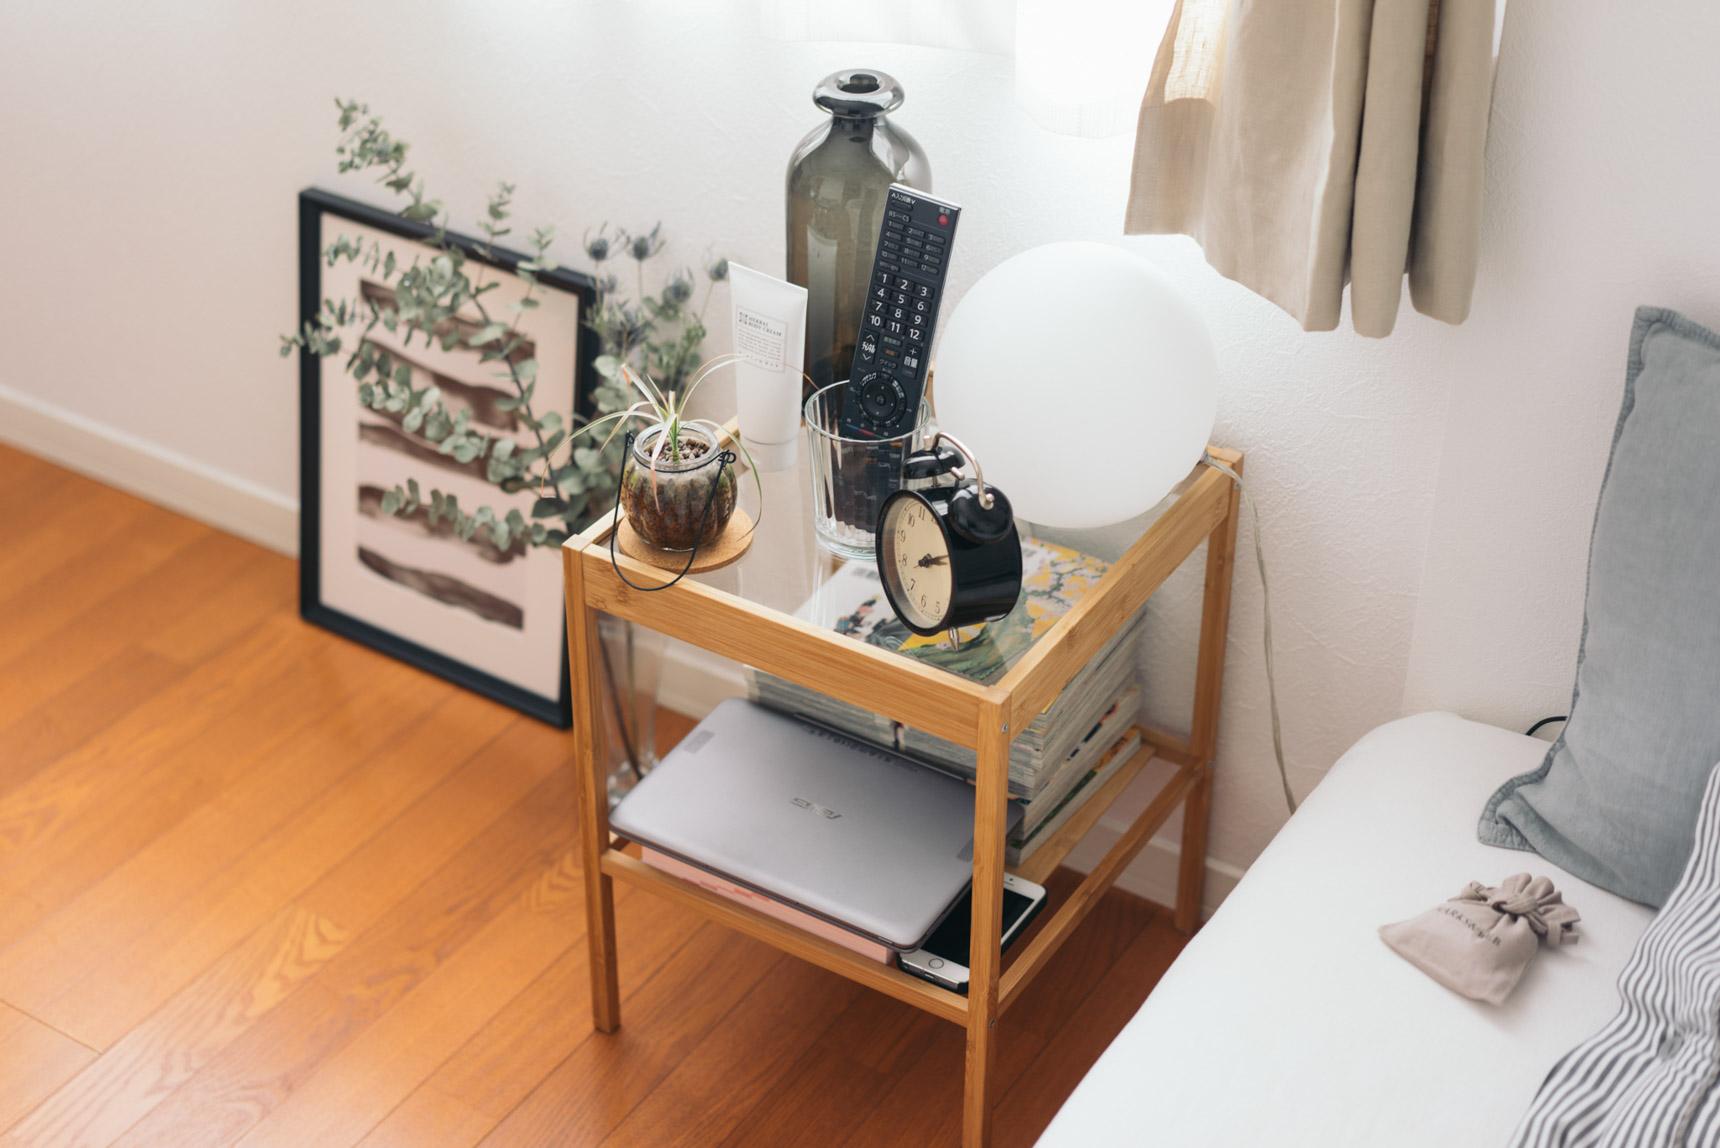 ベッドサイドのテーブルはIKEA。こちらも、ガラスの天板なので、空間を圧迫せず広くみせてくれますね。